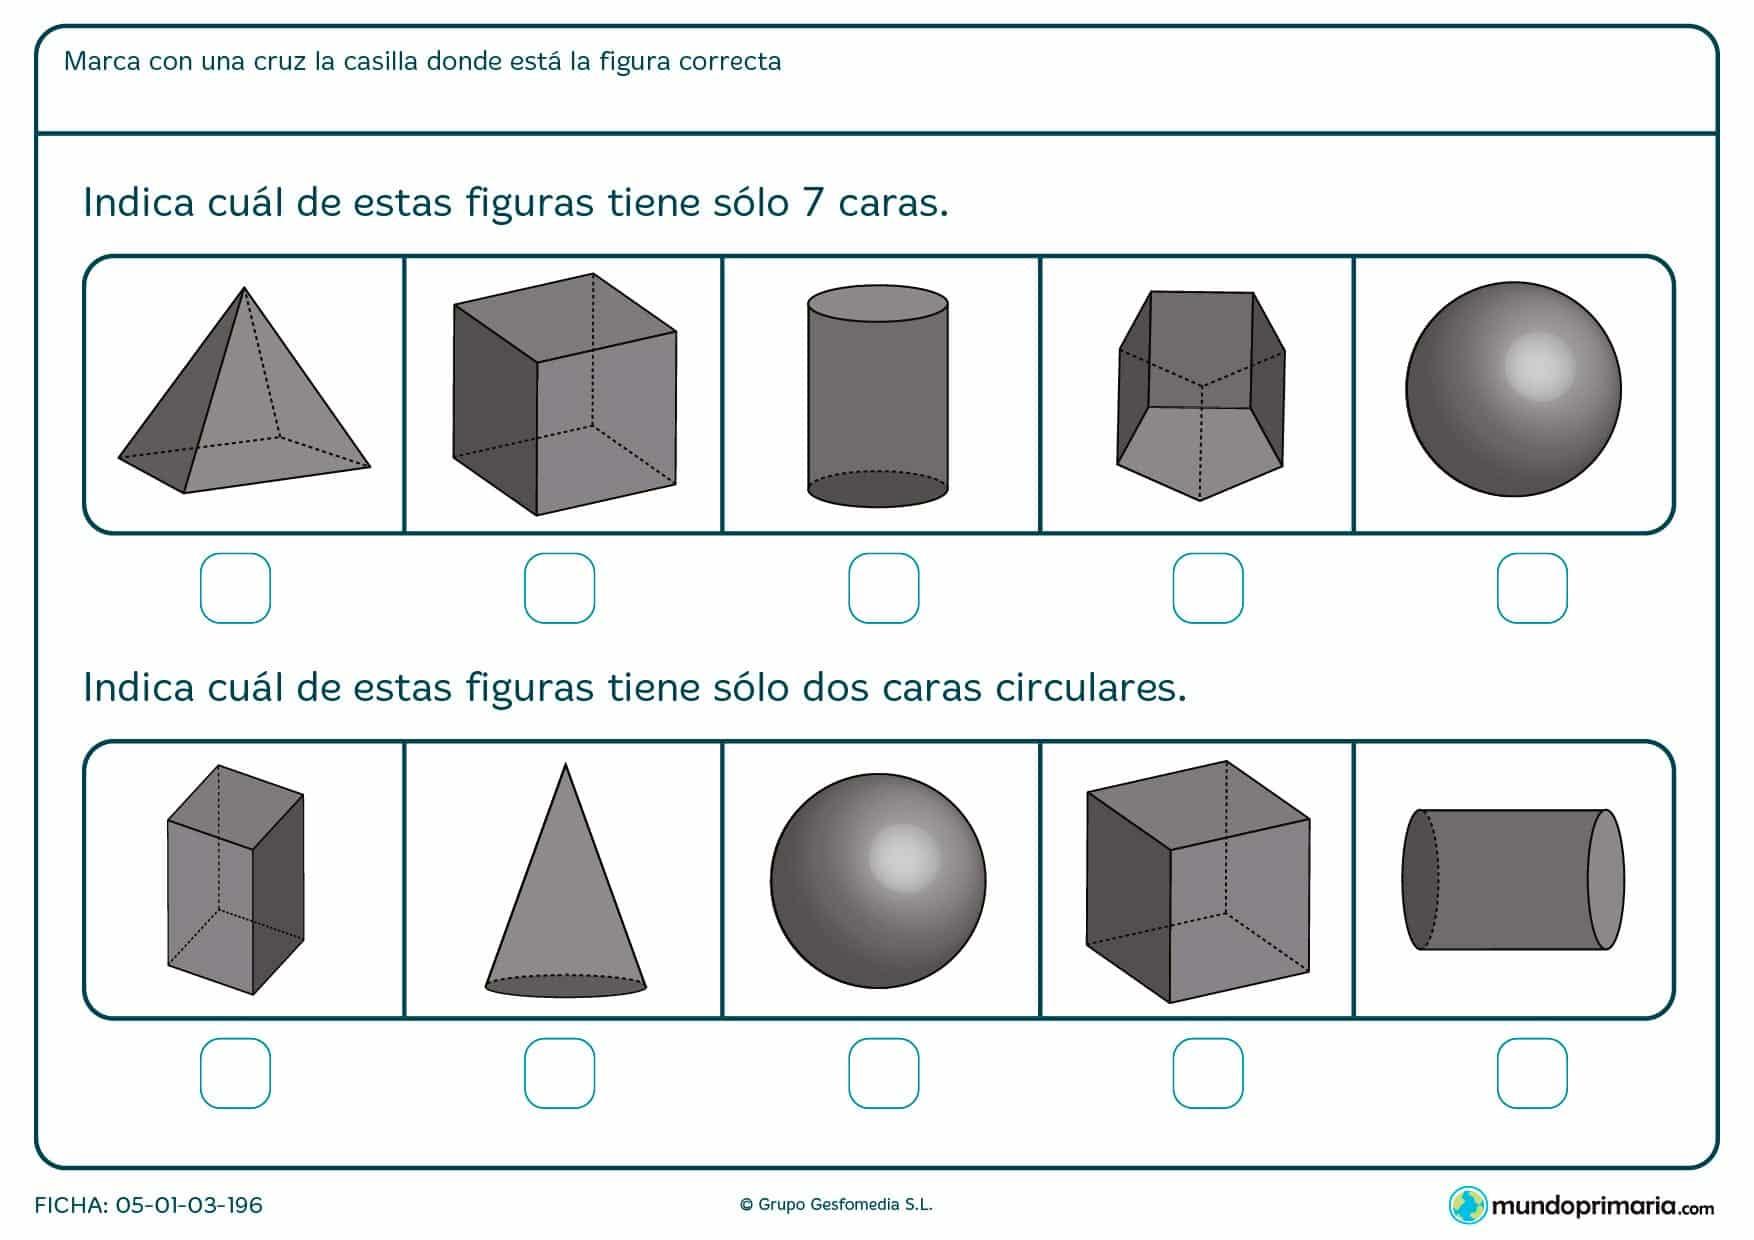 Elige las figuras geométricas que pidan los enunciados.